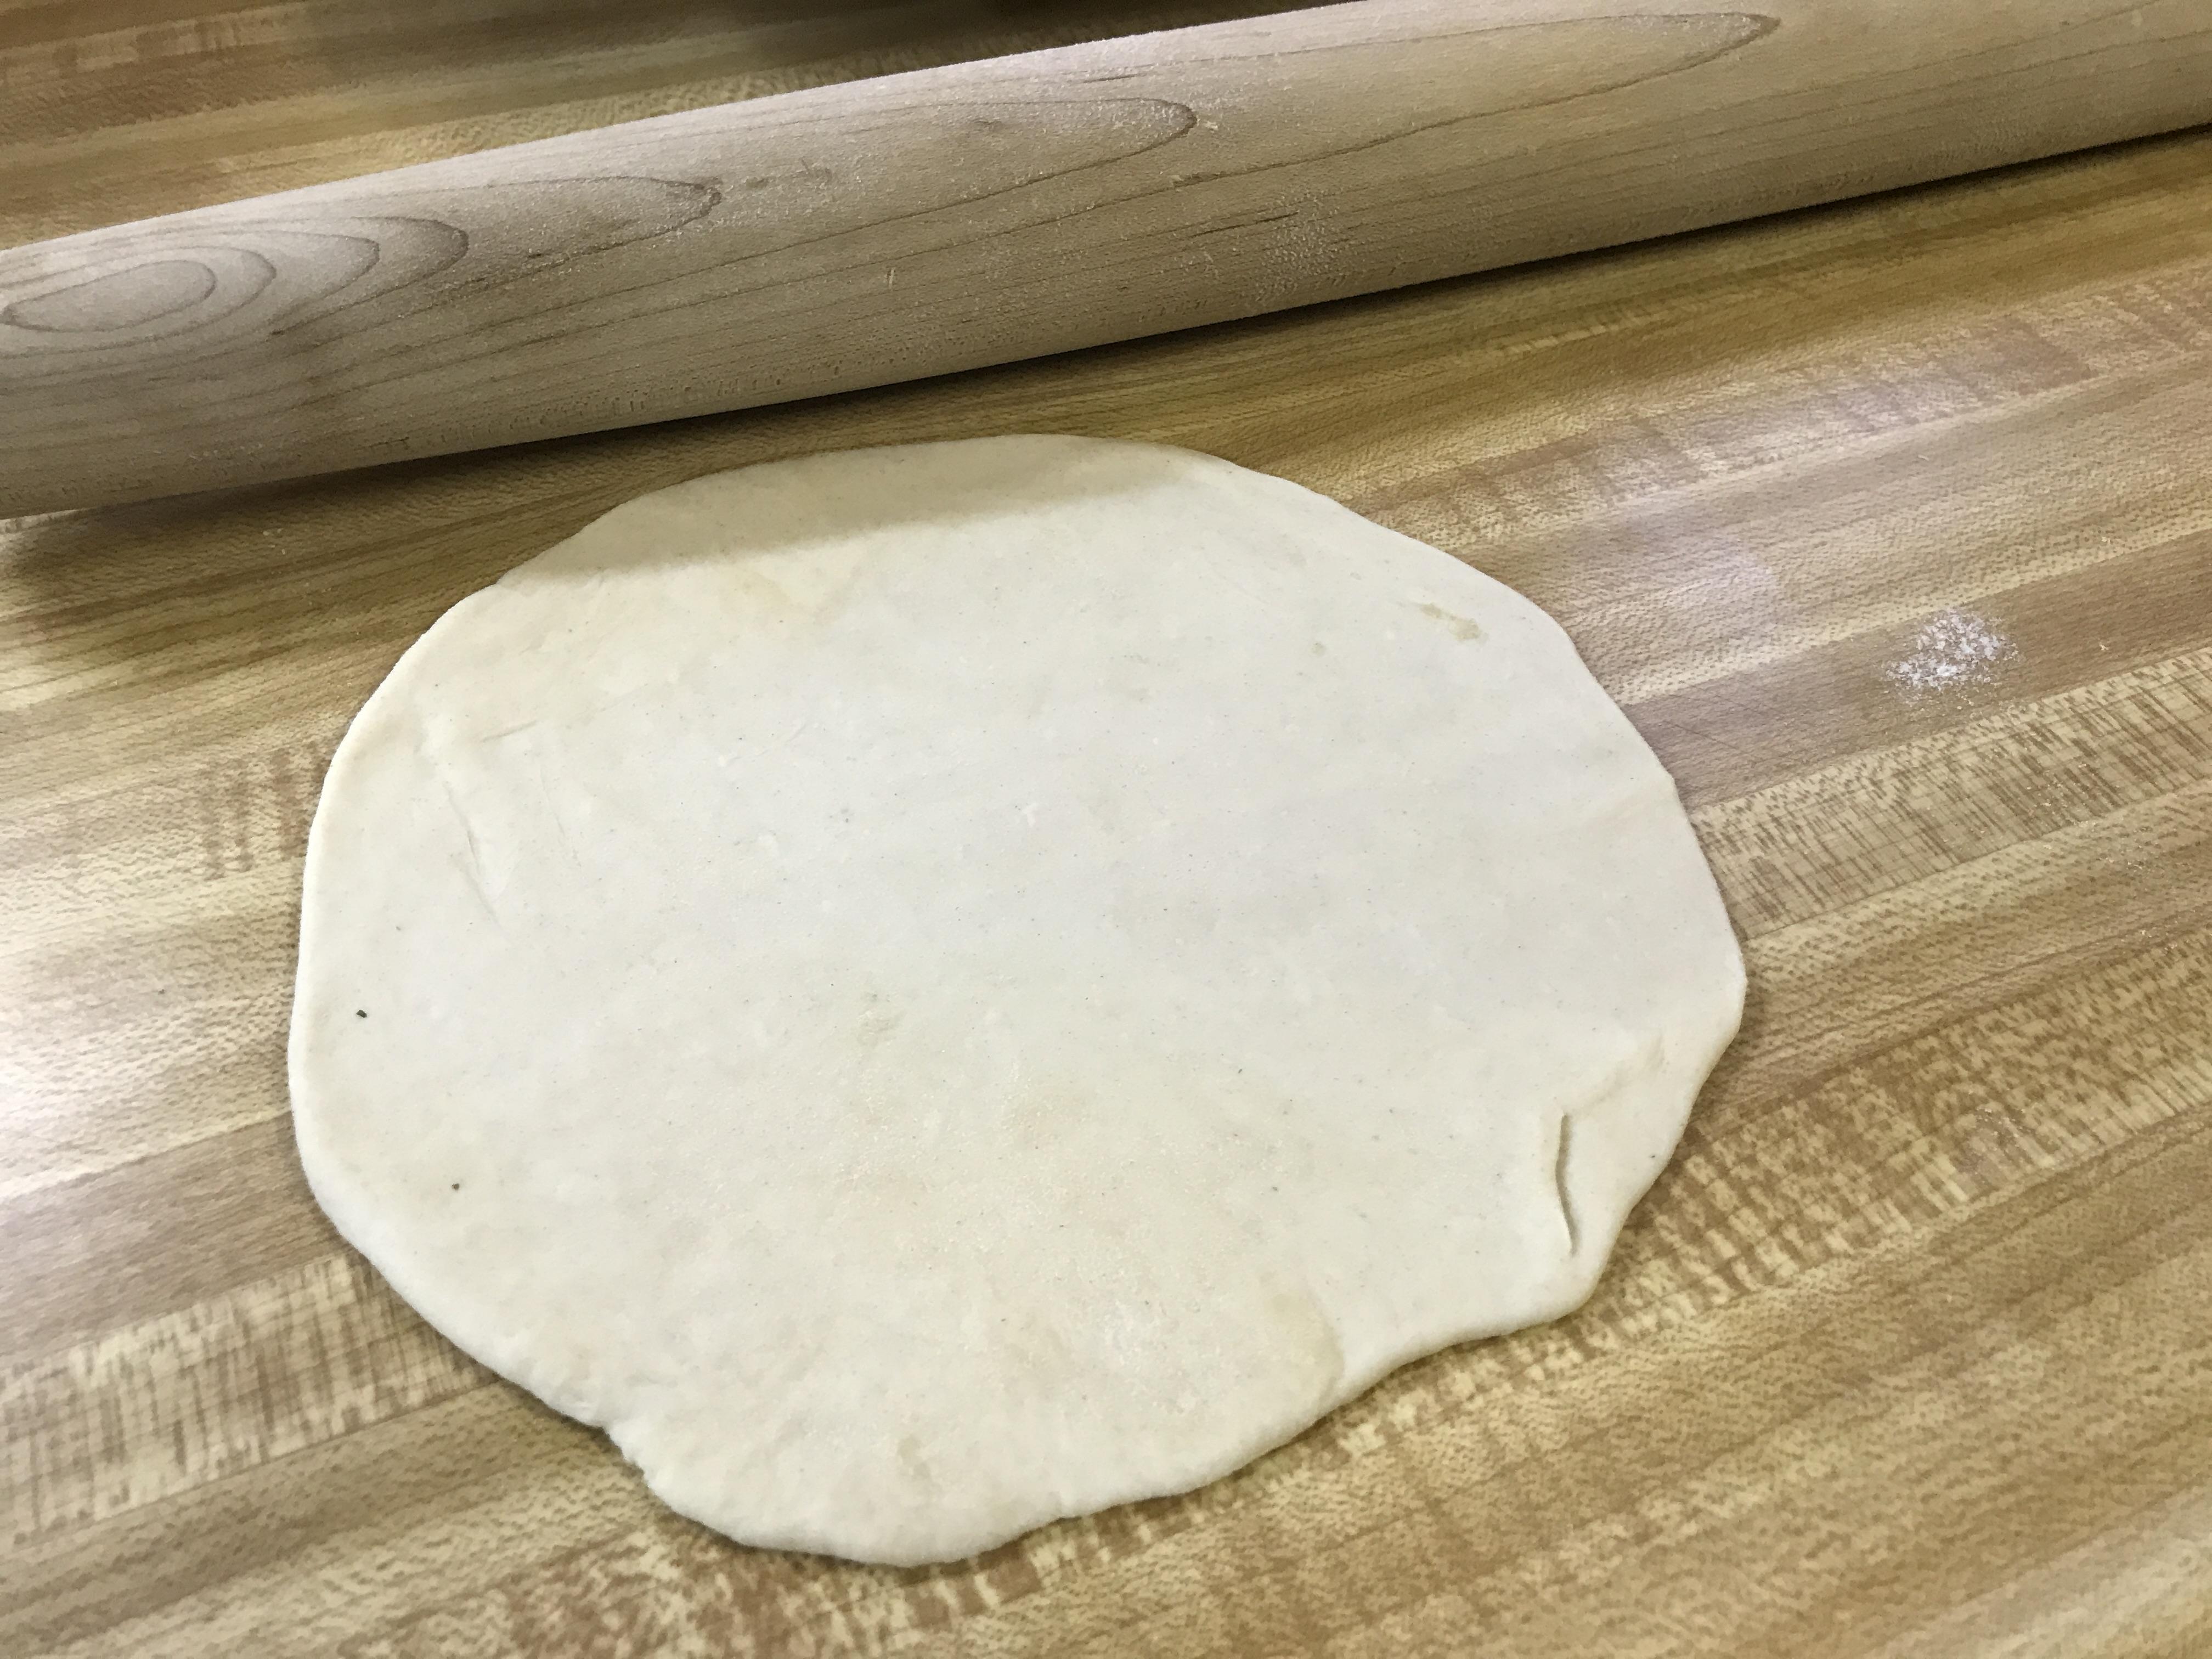 tortilla dough roll